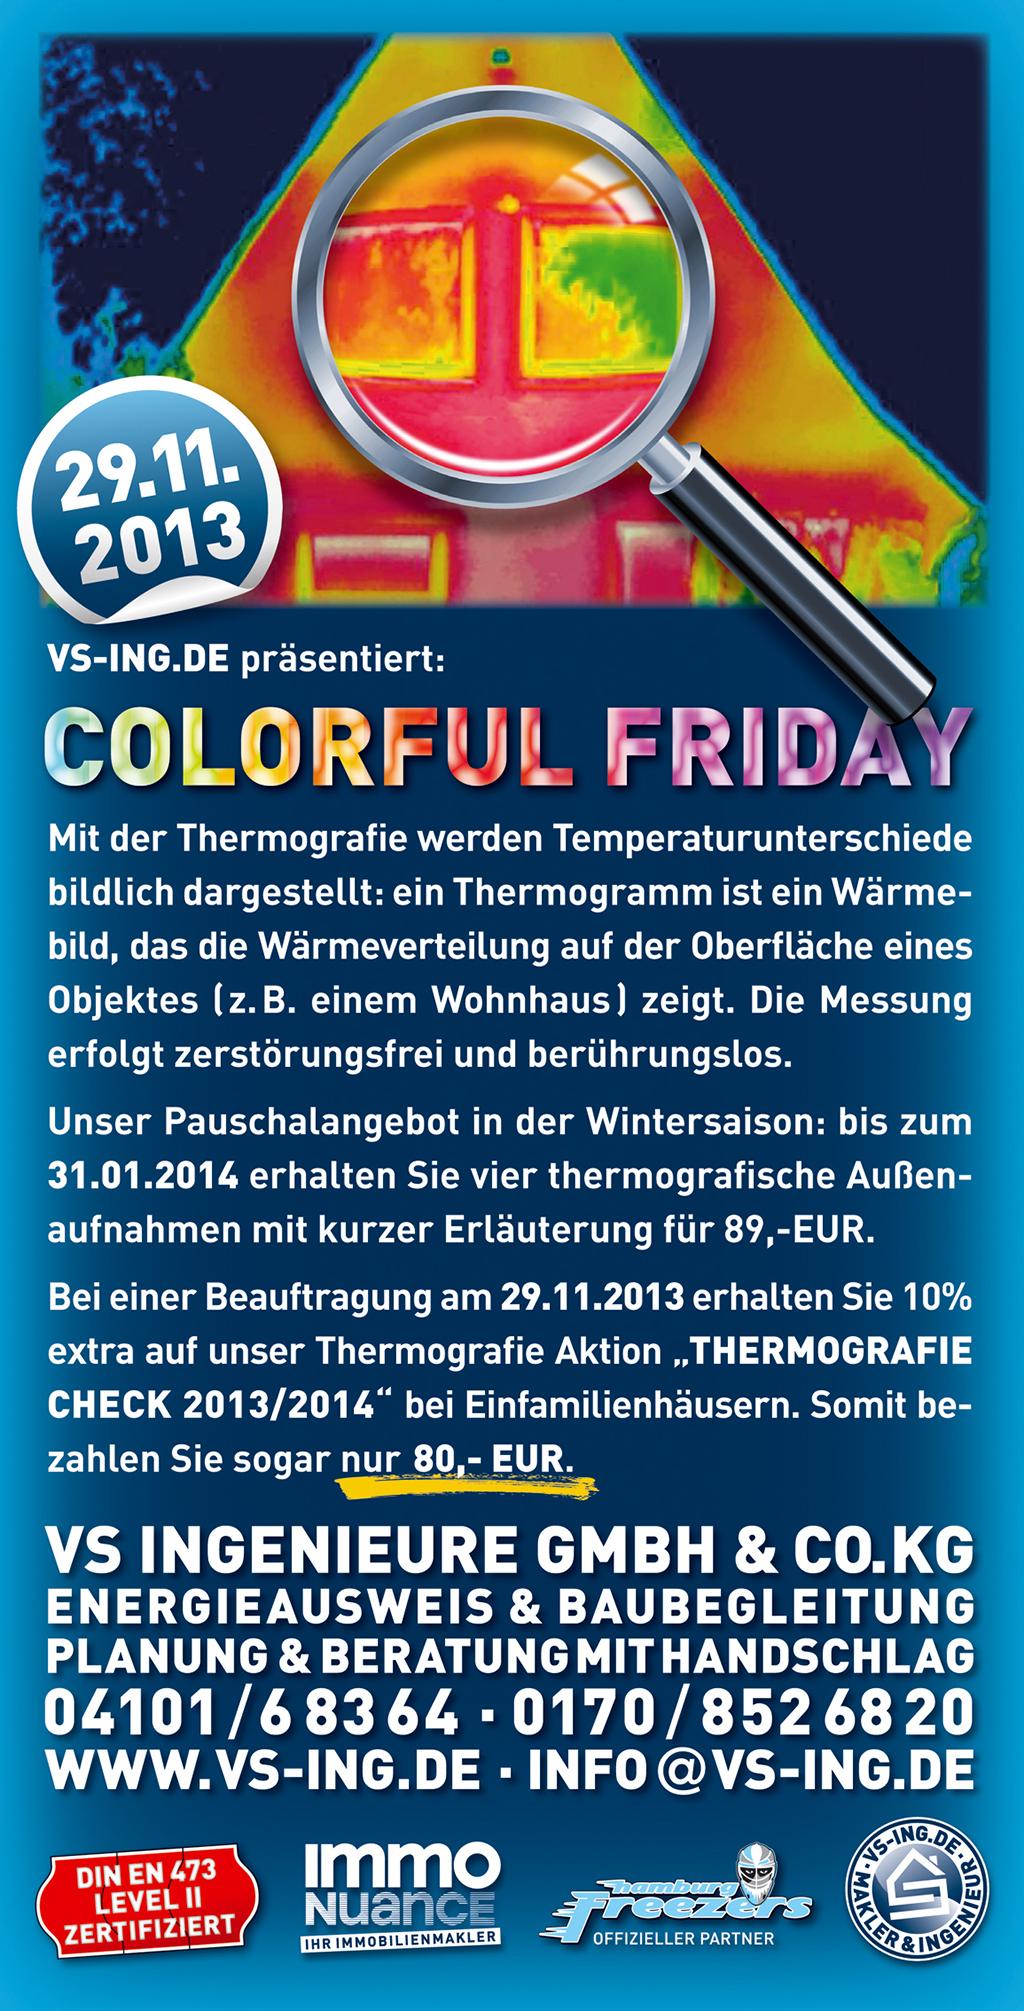 Thermografie Check 2013 2014 Thermografie Blower Door Gutachter Sachverständiger Wärmebilder